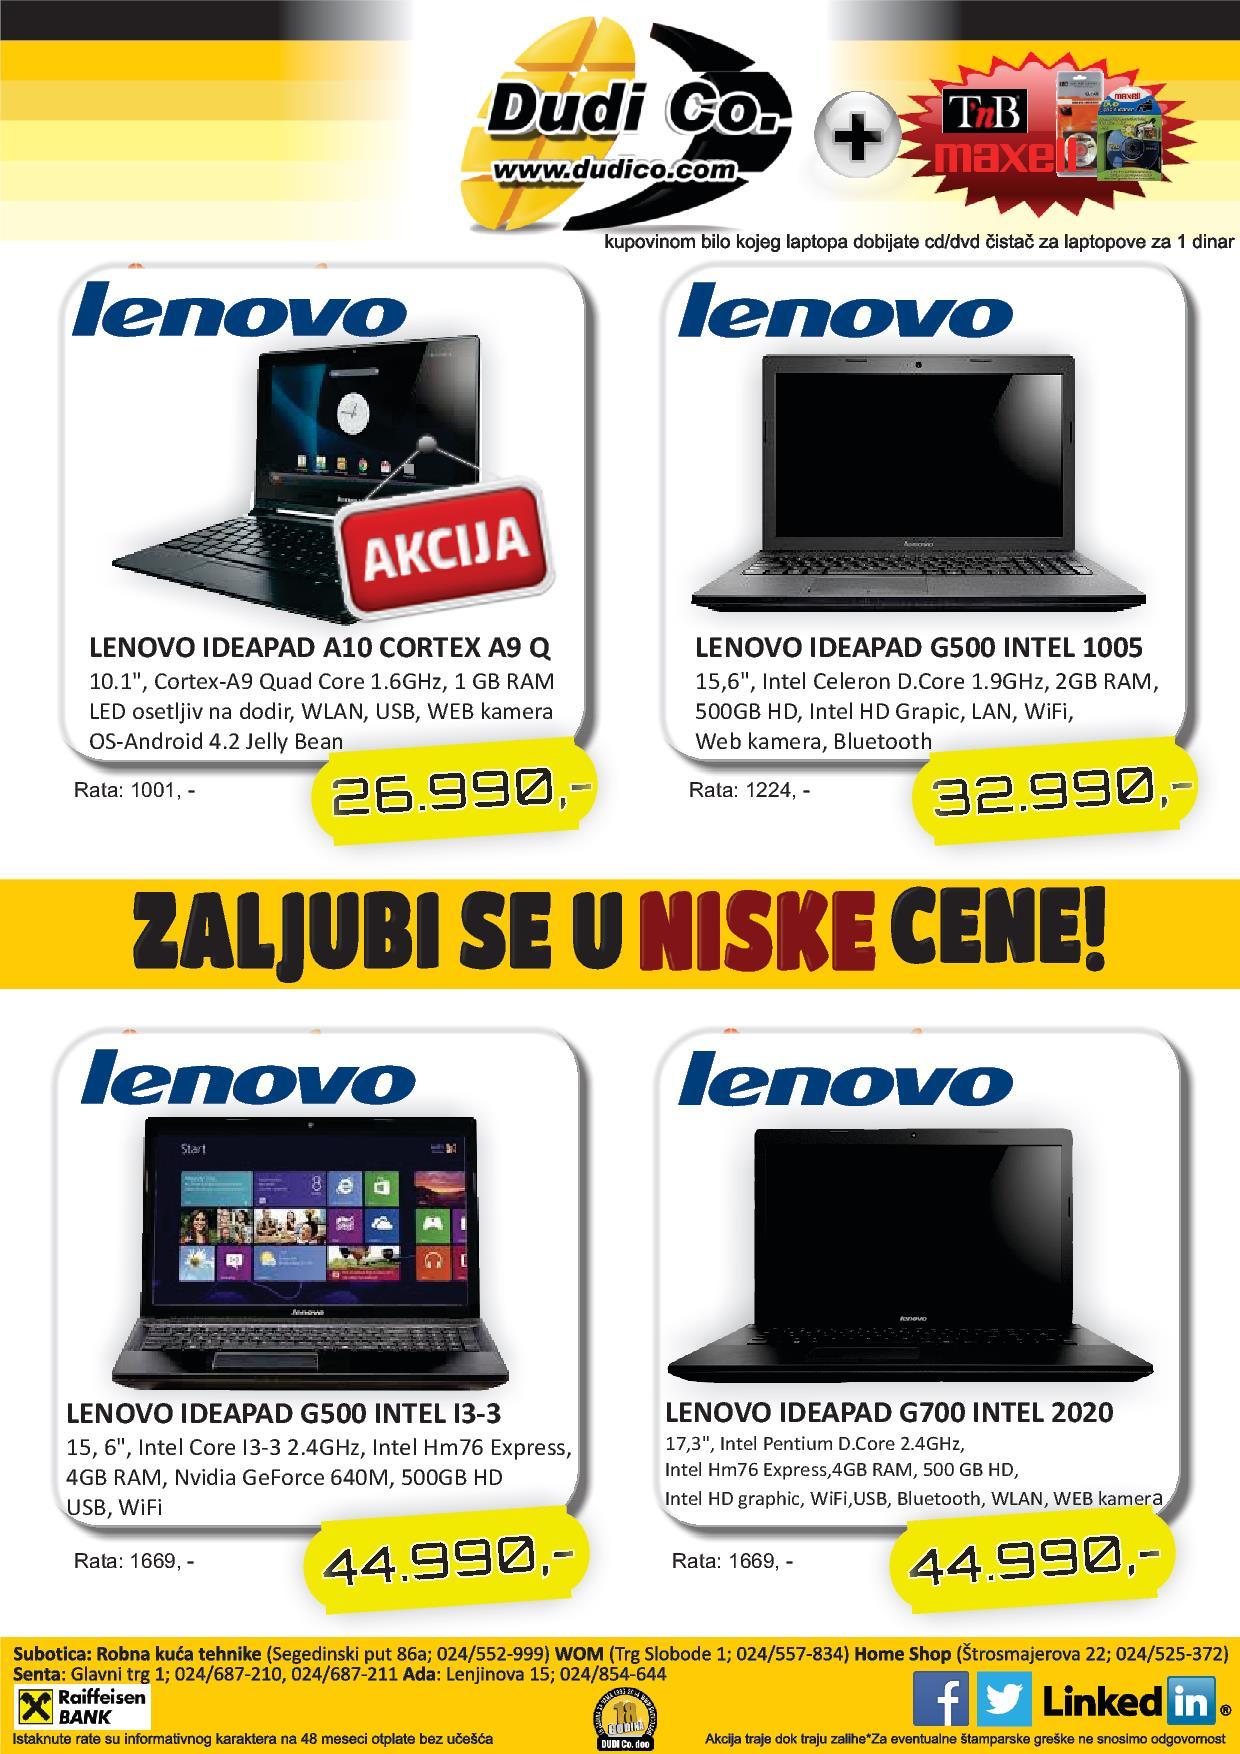 Dudico akcija laptop uređaji na sniženju